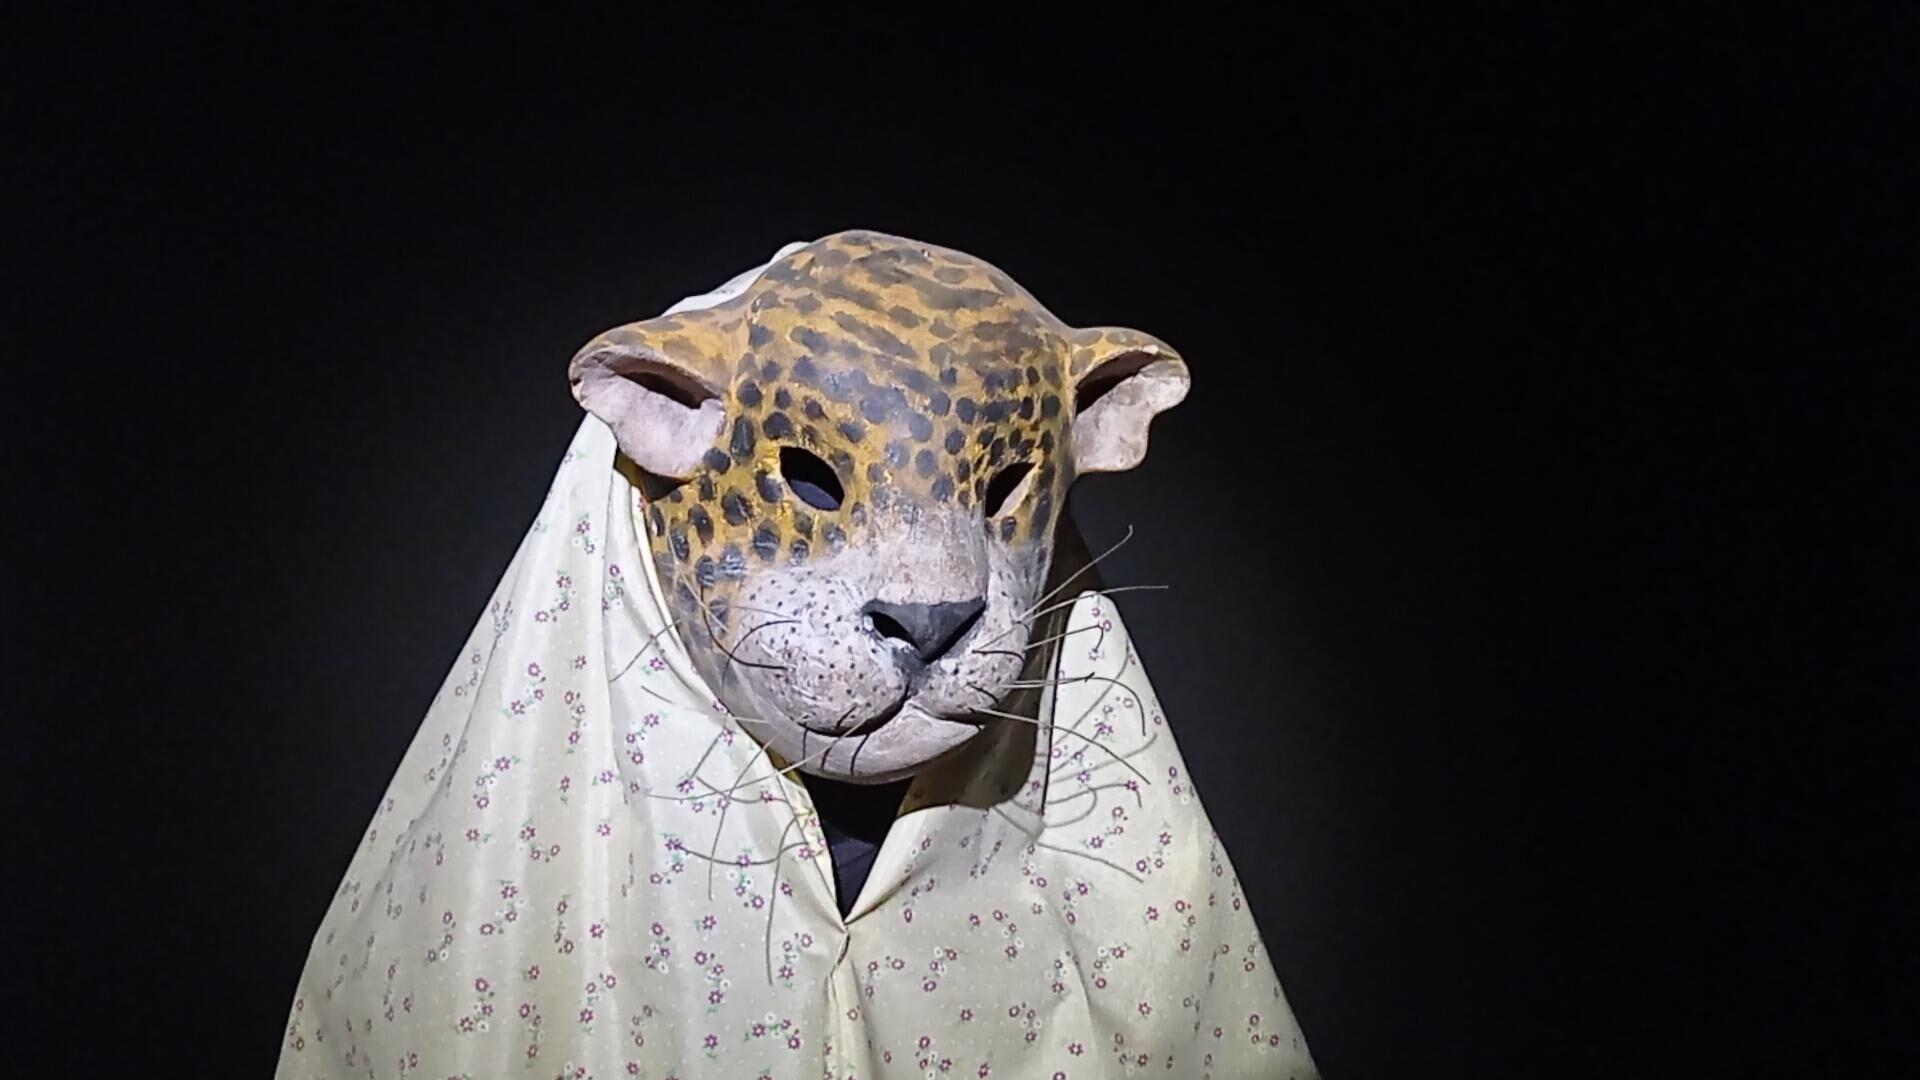 Una máscara de jaguar - Sputnik Mundo, 1920, 29.04.2021